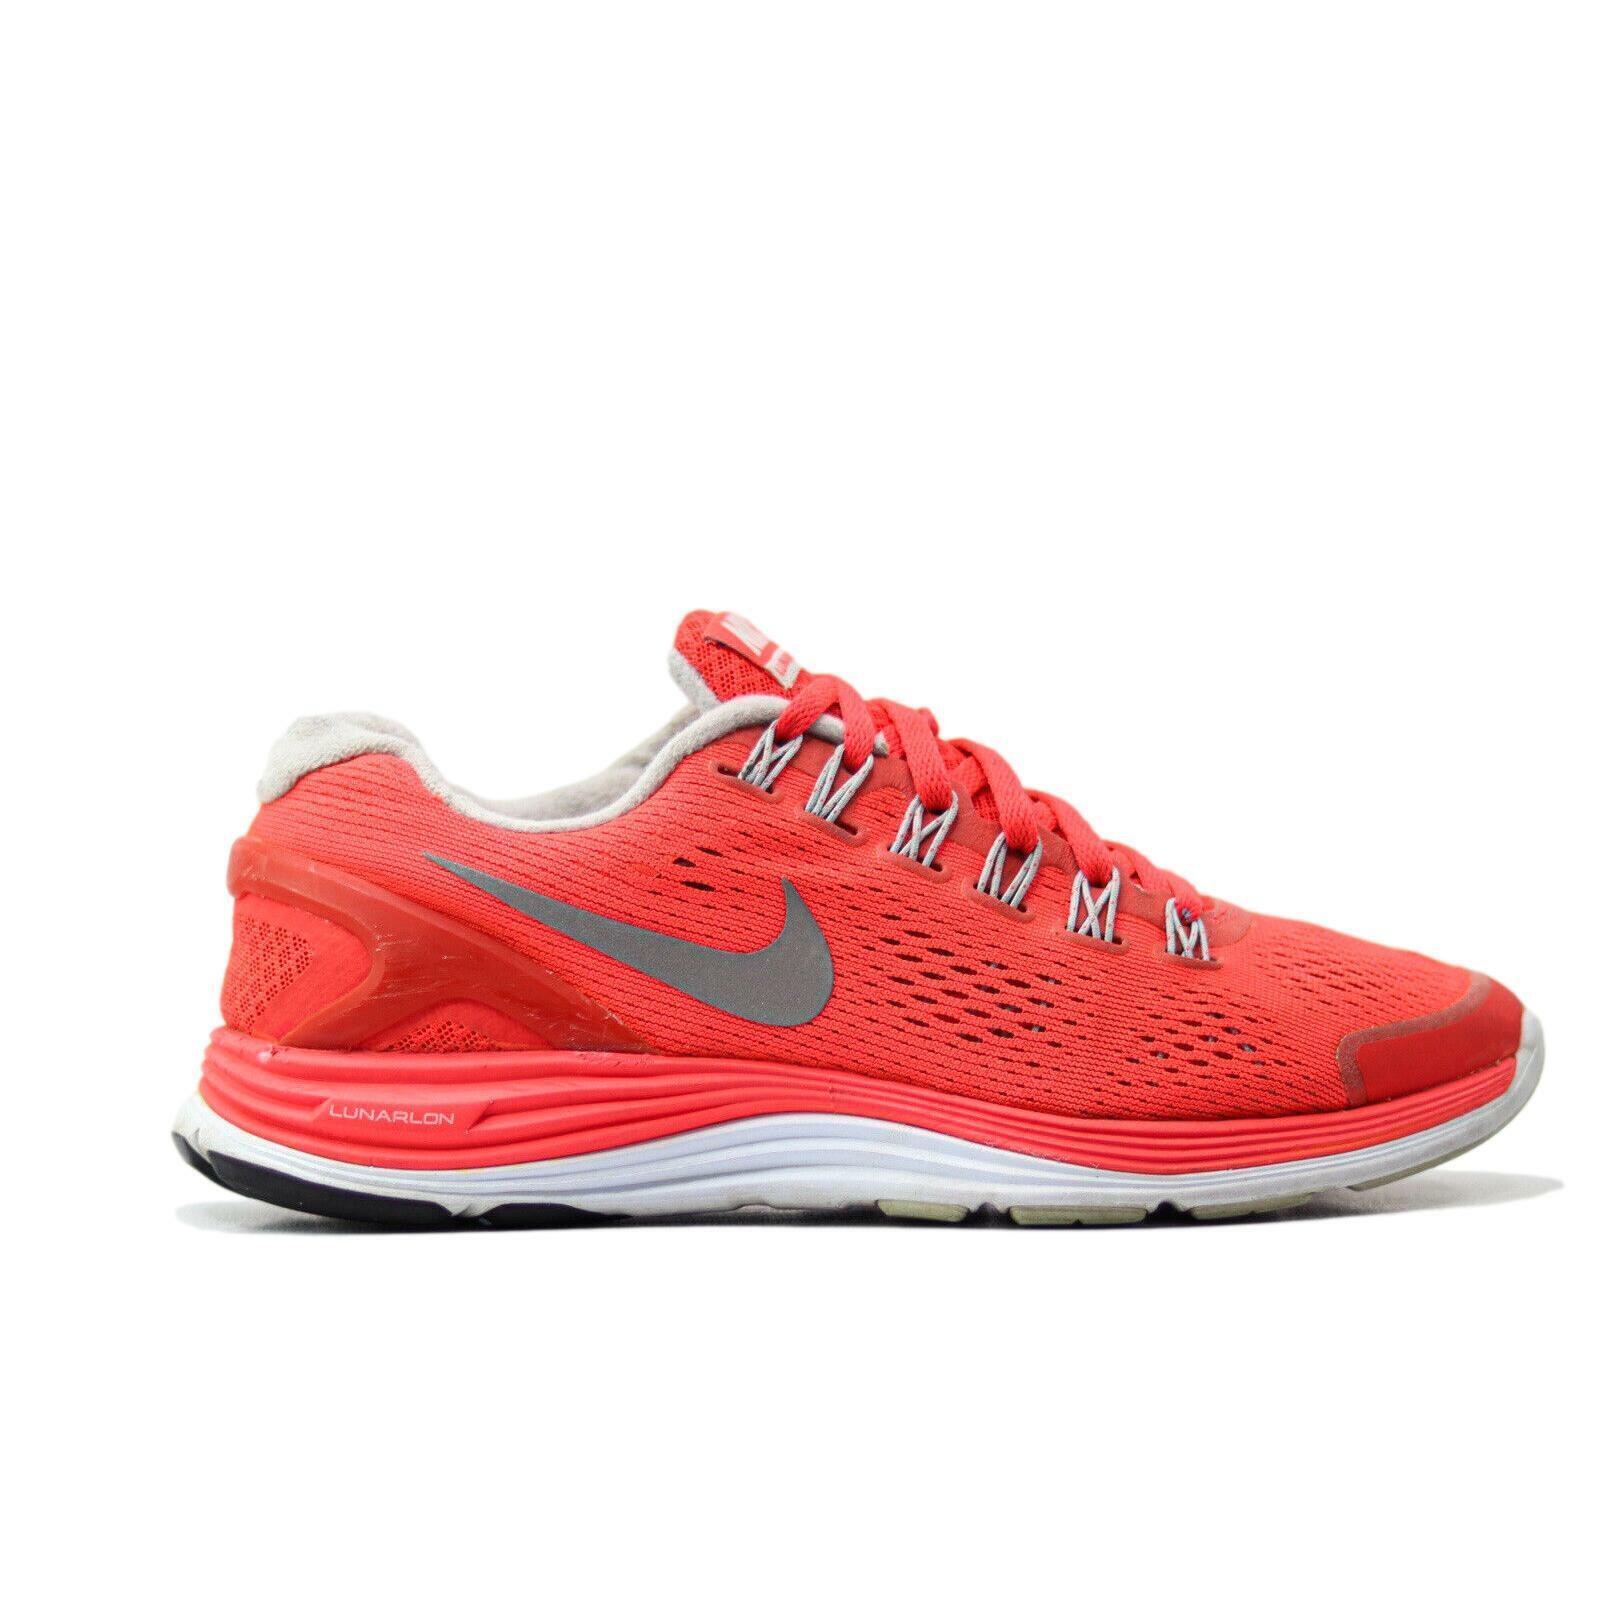 Nike Lunar Glide 4 Femme Taille 7 Chaussures De Course Crimson argent (524978-604)